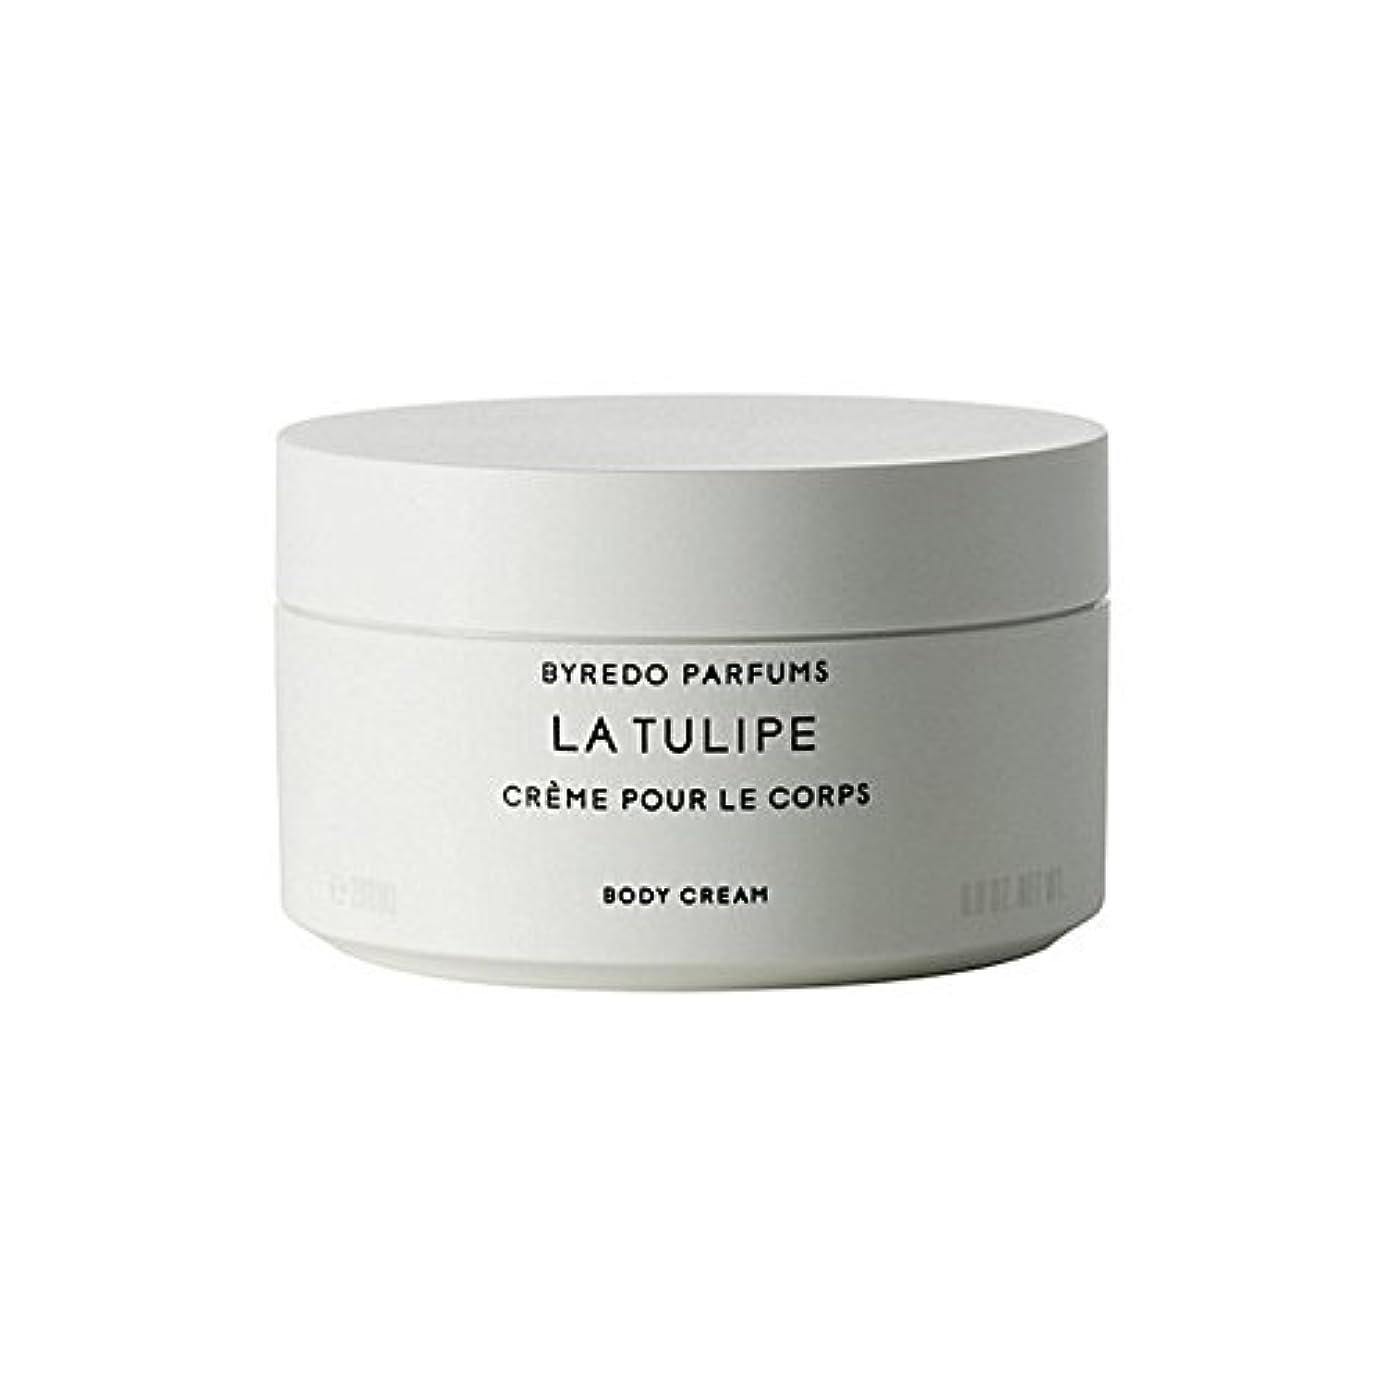 ポゴスティックジャンプ染色ドライブラチューリップボディクリーム200ミリリットル x4 - Byredo La Tulipe Body Cream 200ml (Pack of 4) [並行輸入品]